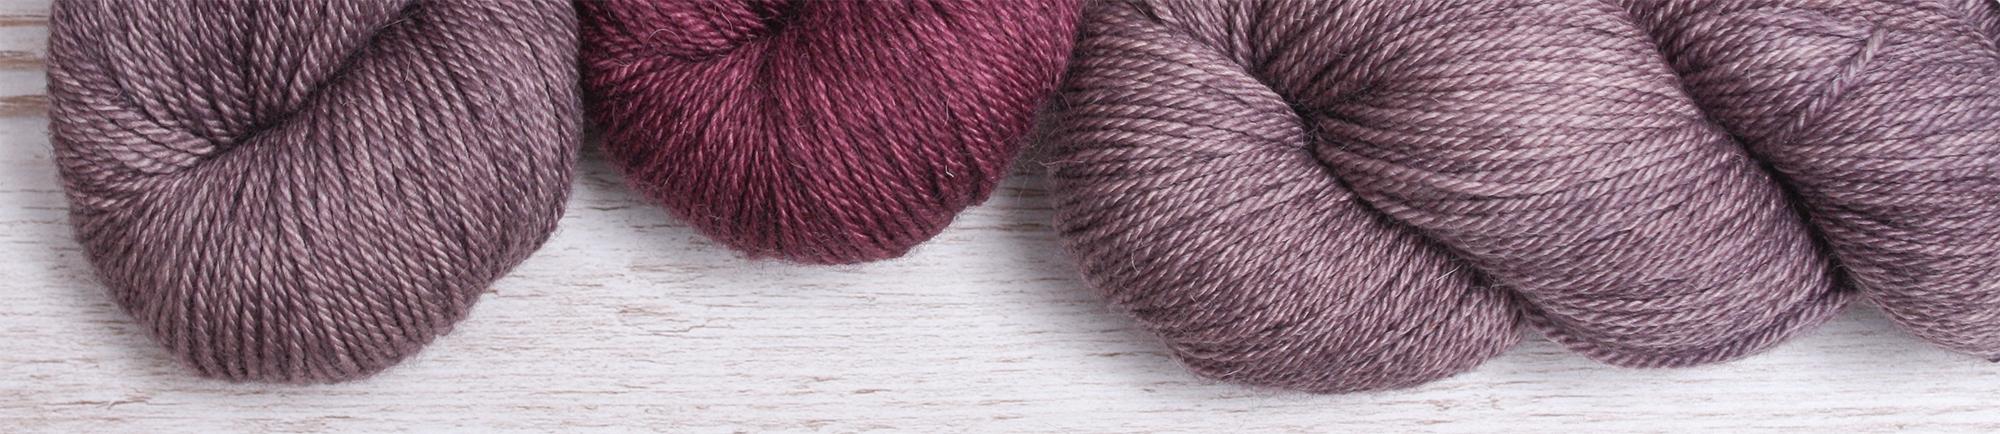 Handgefärbte Wolle und Garne